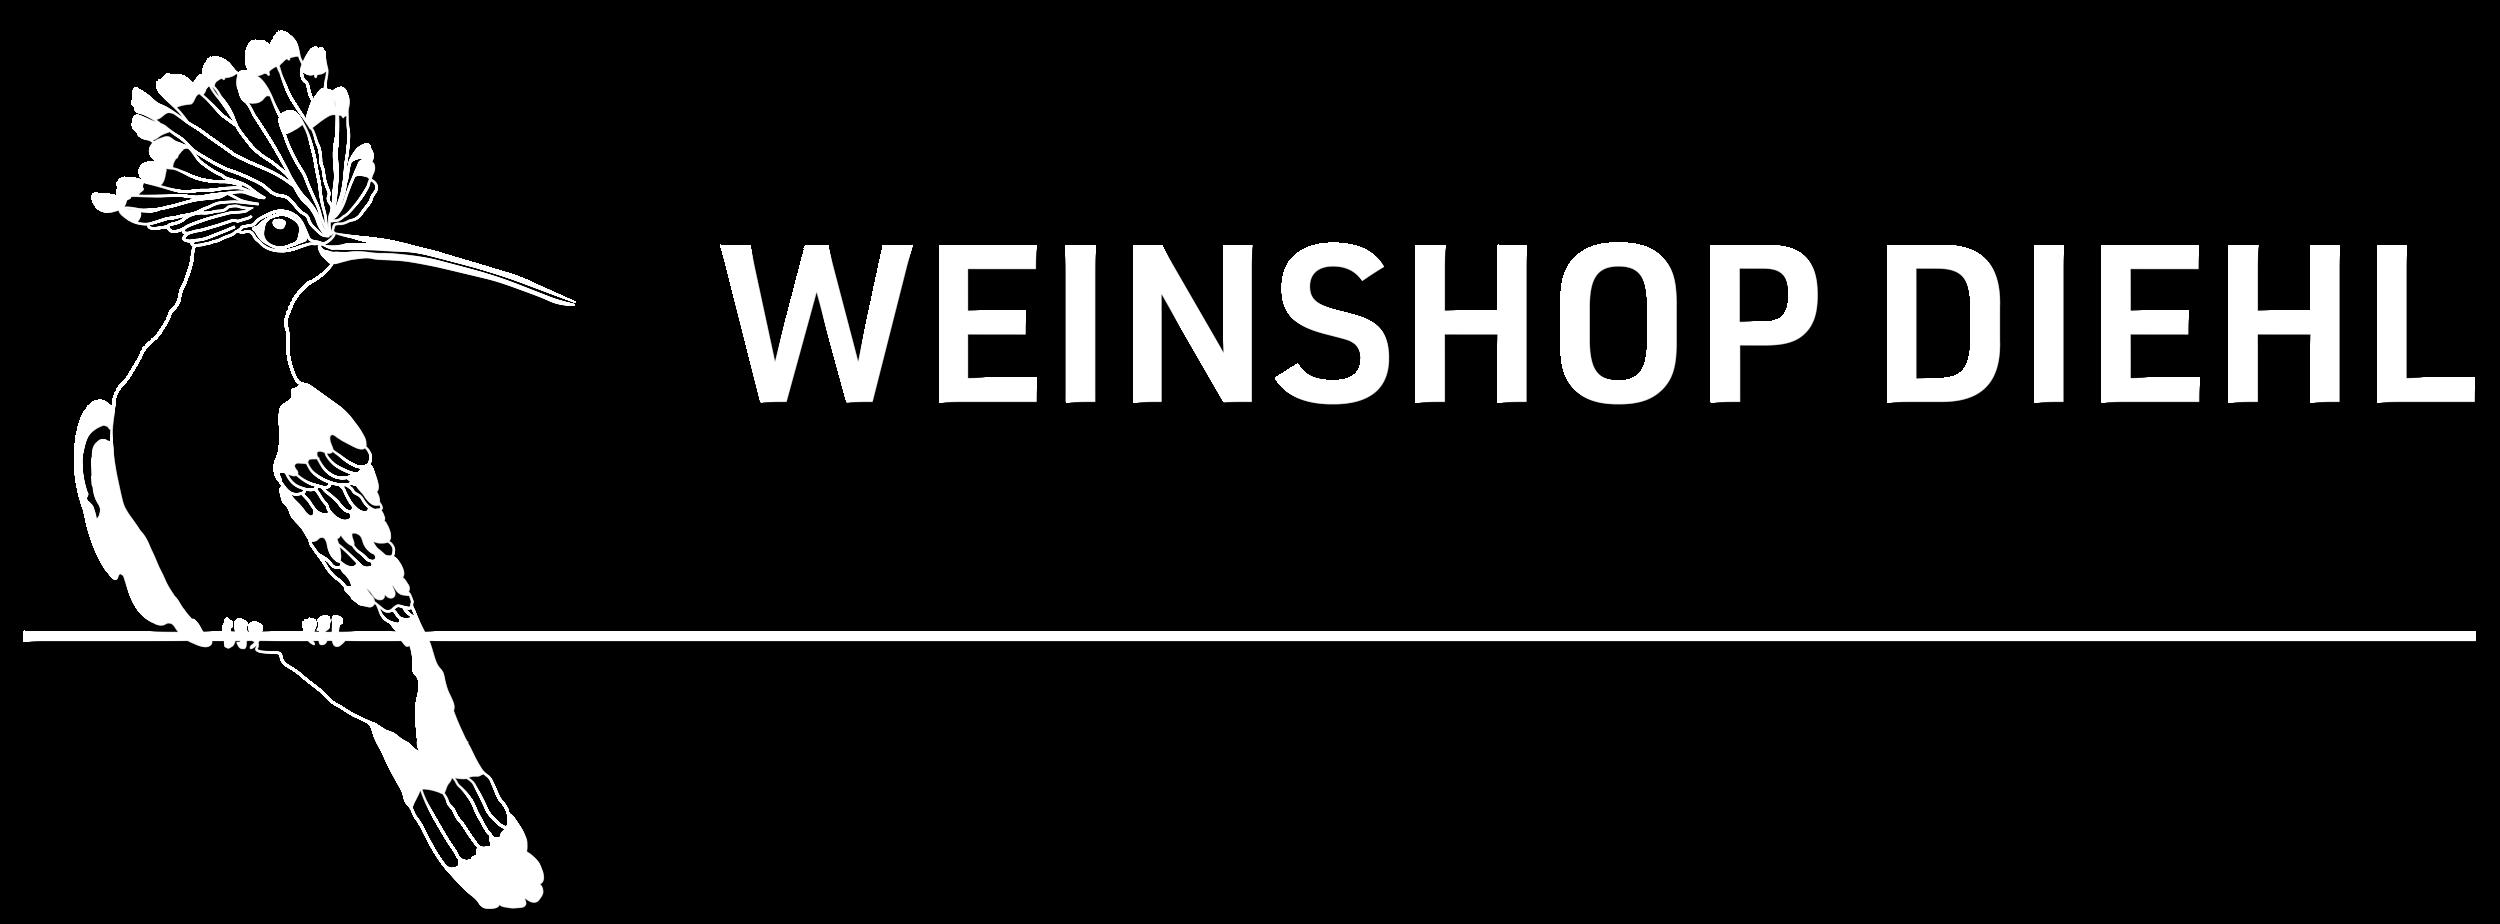 WiedehopfLinieFlaecheWEINSHOP_weiss_schattenAuge_Zeichenfläche 1.png